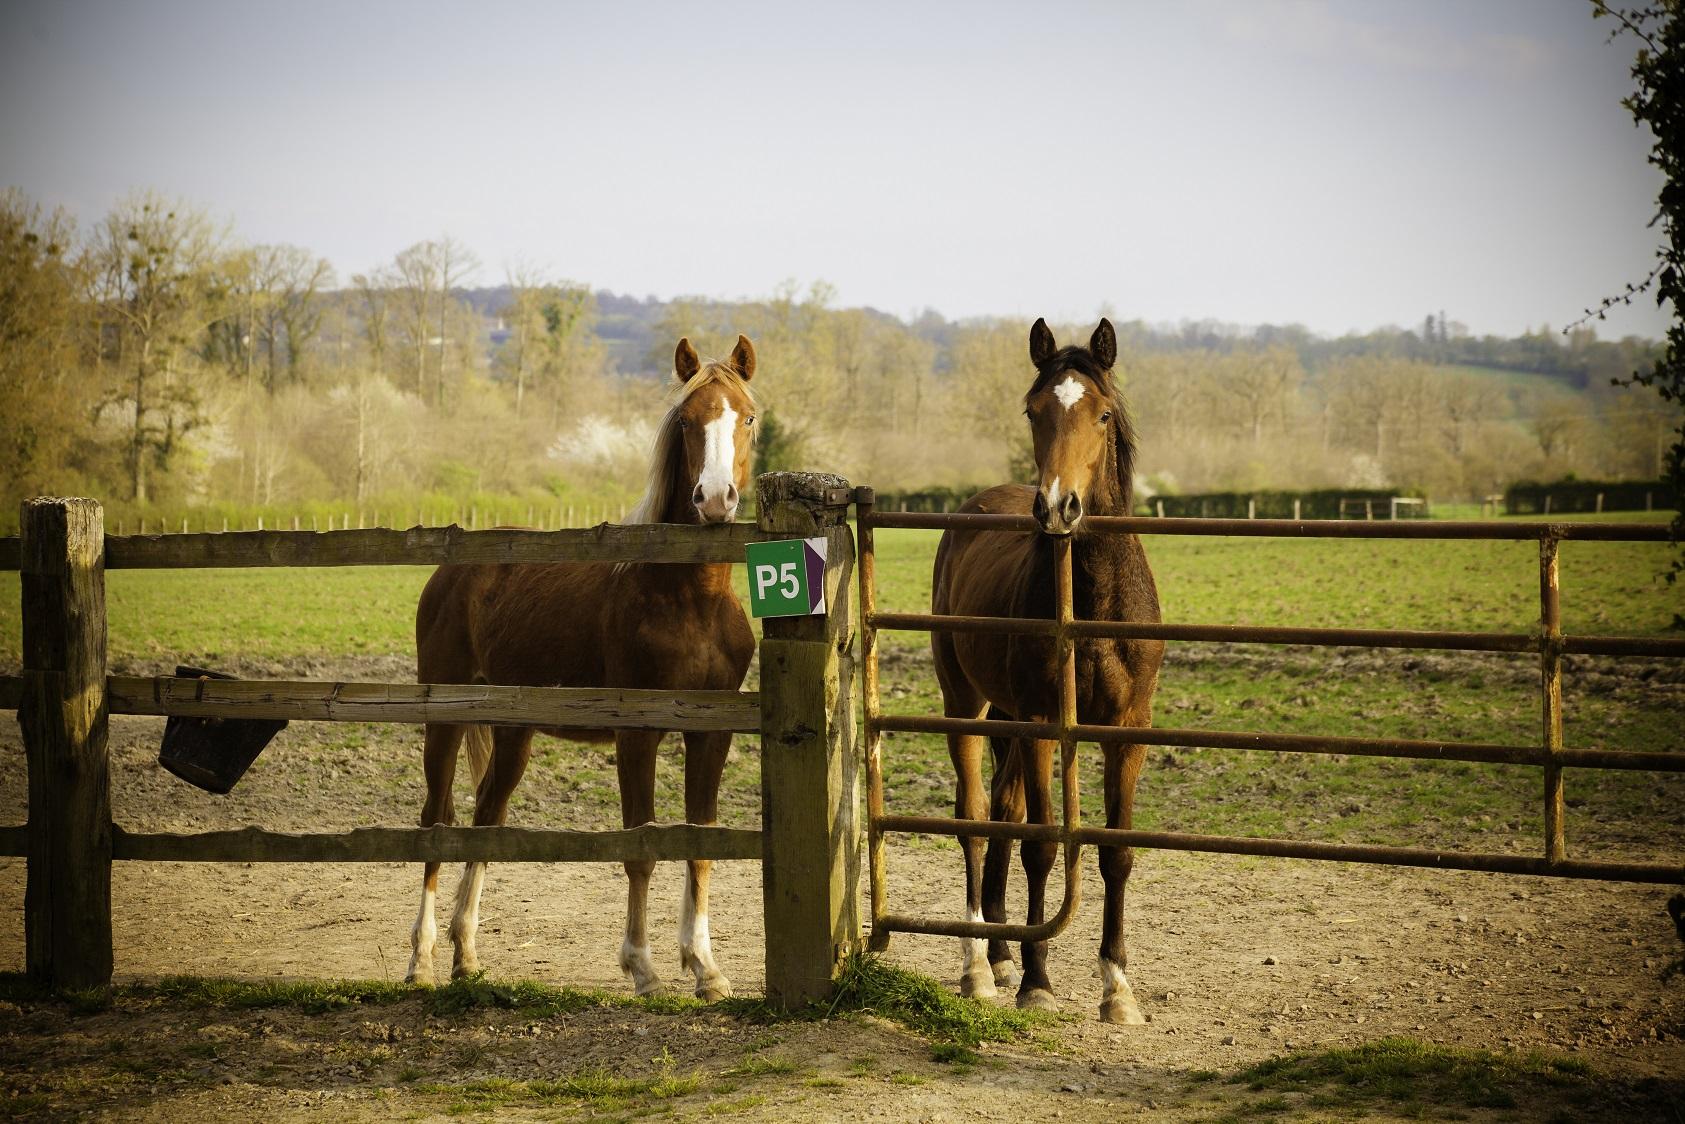 Gérer les périodes clés de la vie du jeune cheval